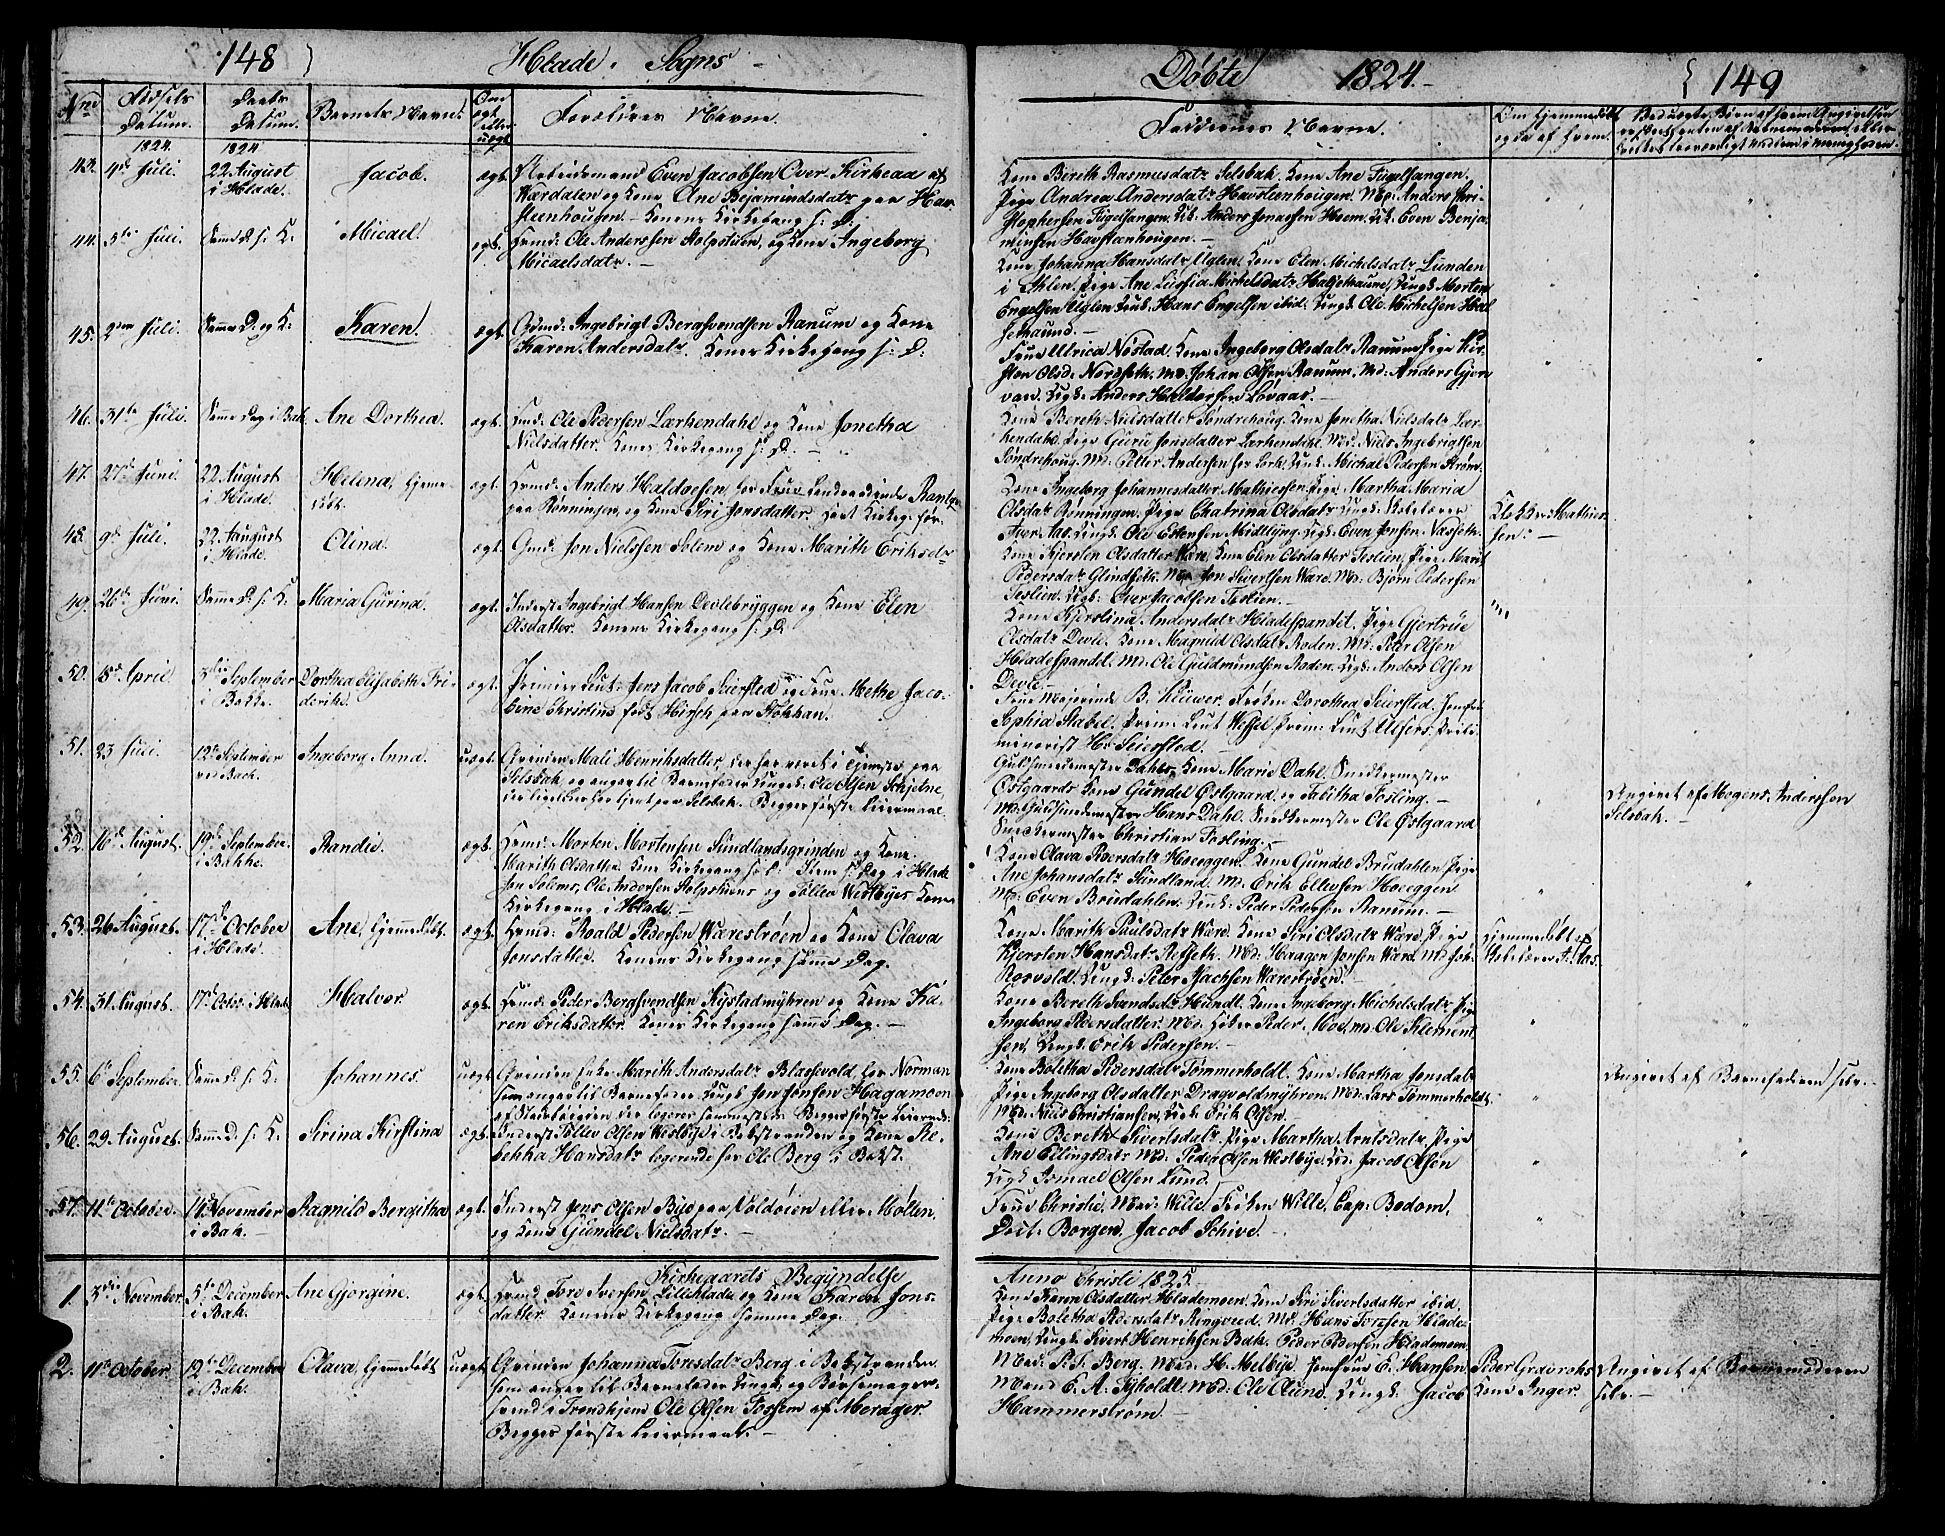 SAT, Ministerialprotokoller, klokkerbøker og fødselsregistre - Sør-Trøndelag, 606/L0306: Klokkerbok nr. 606C02, 1797-1829, s. 148-149